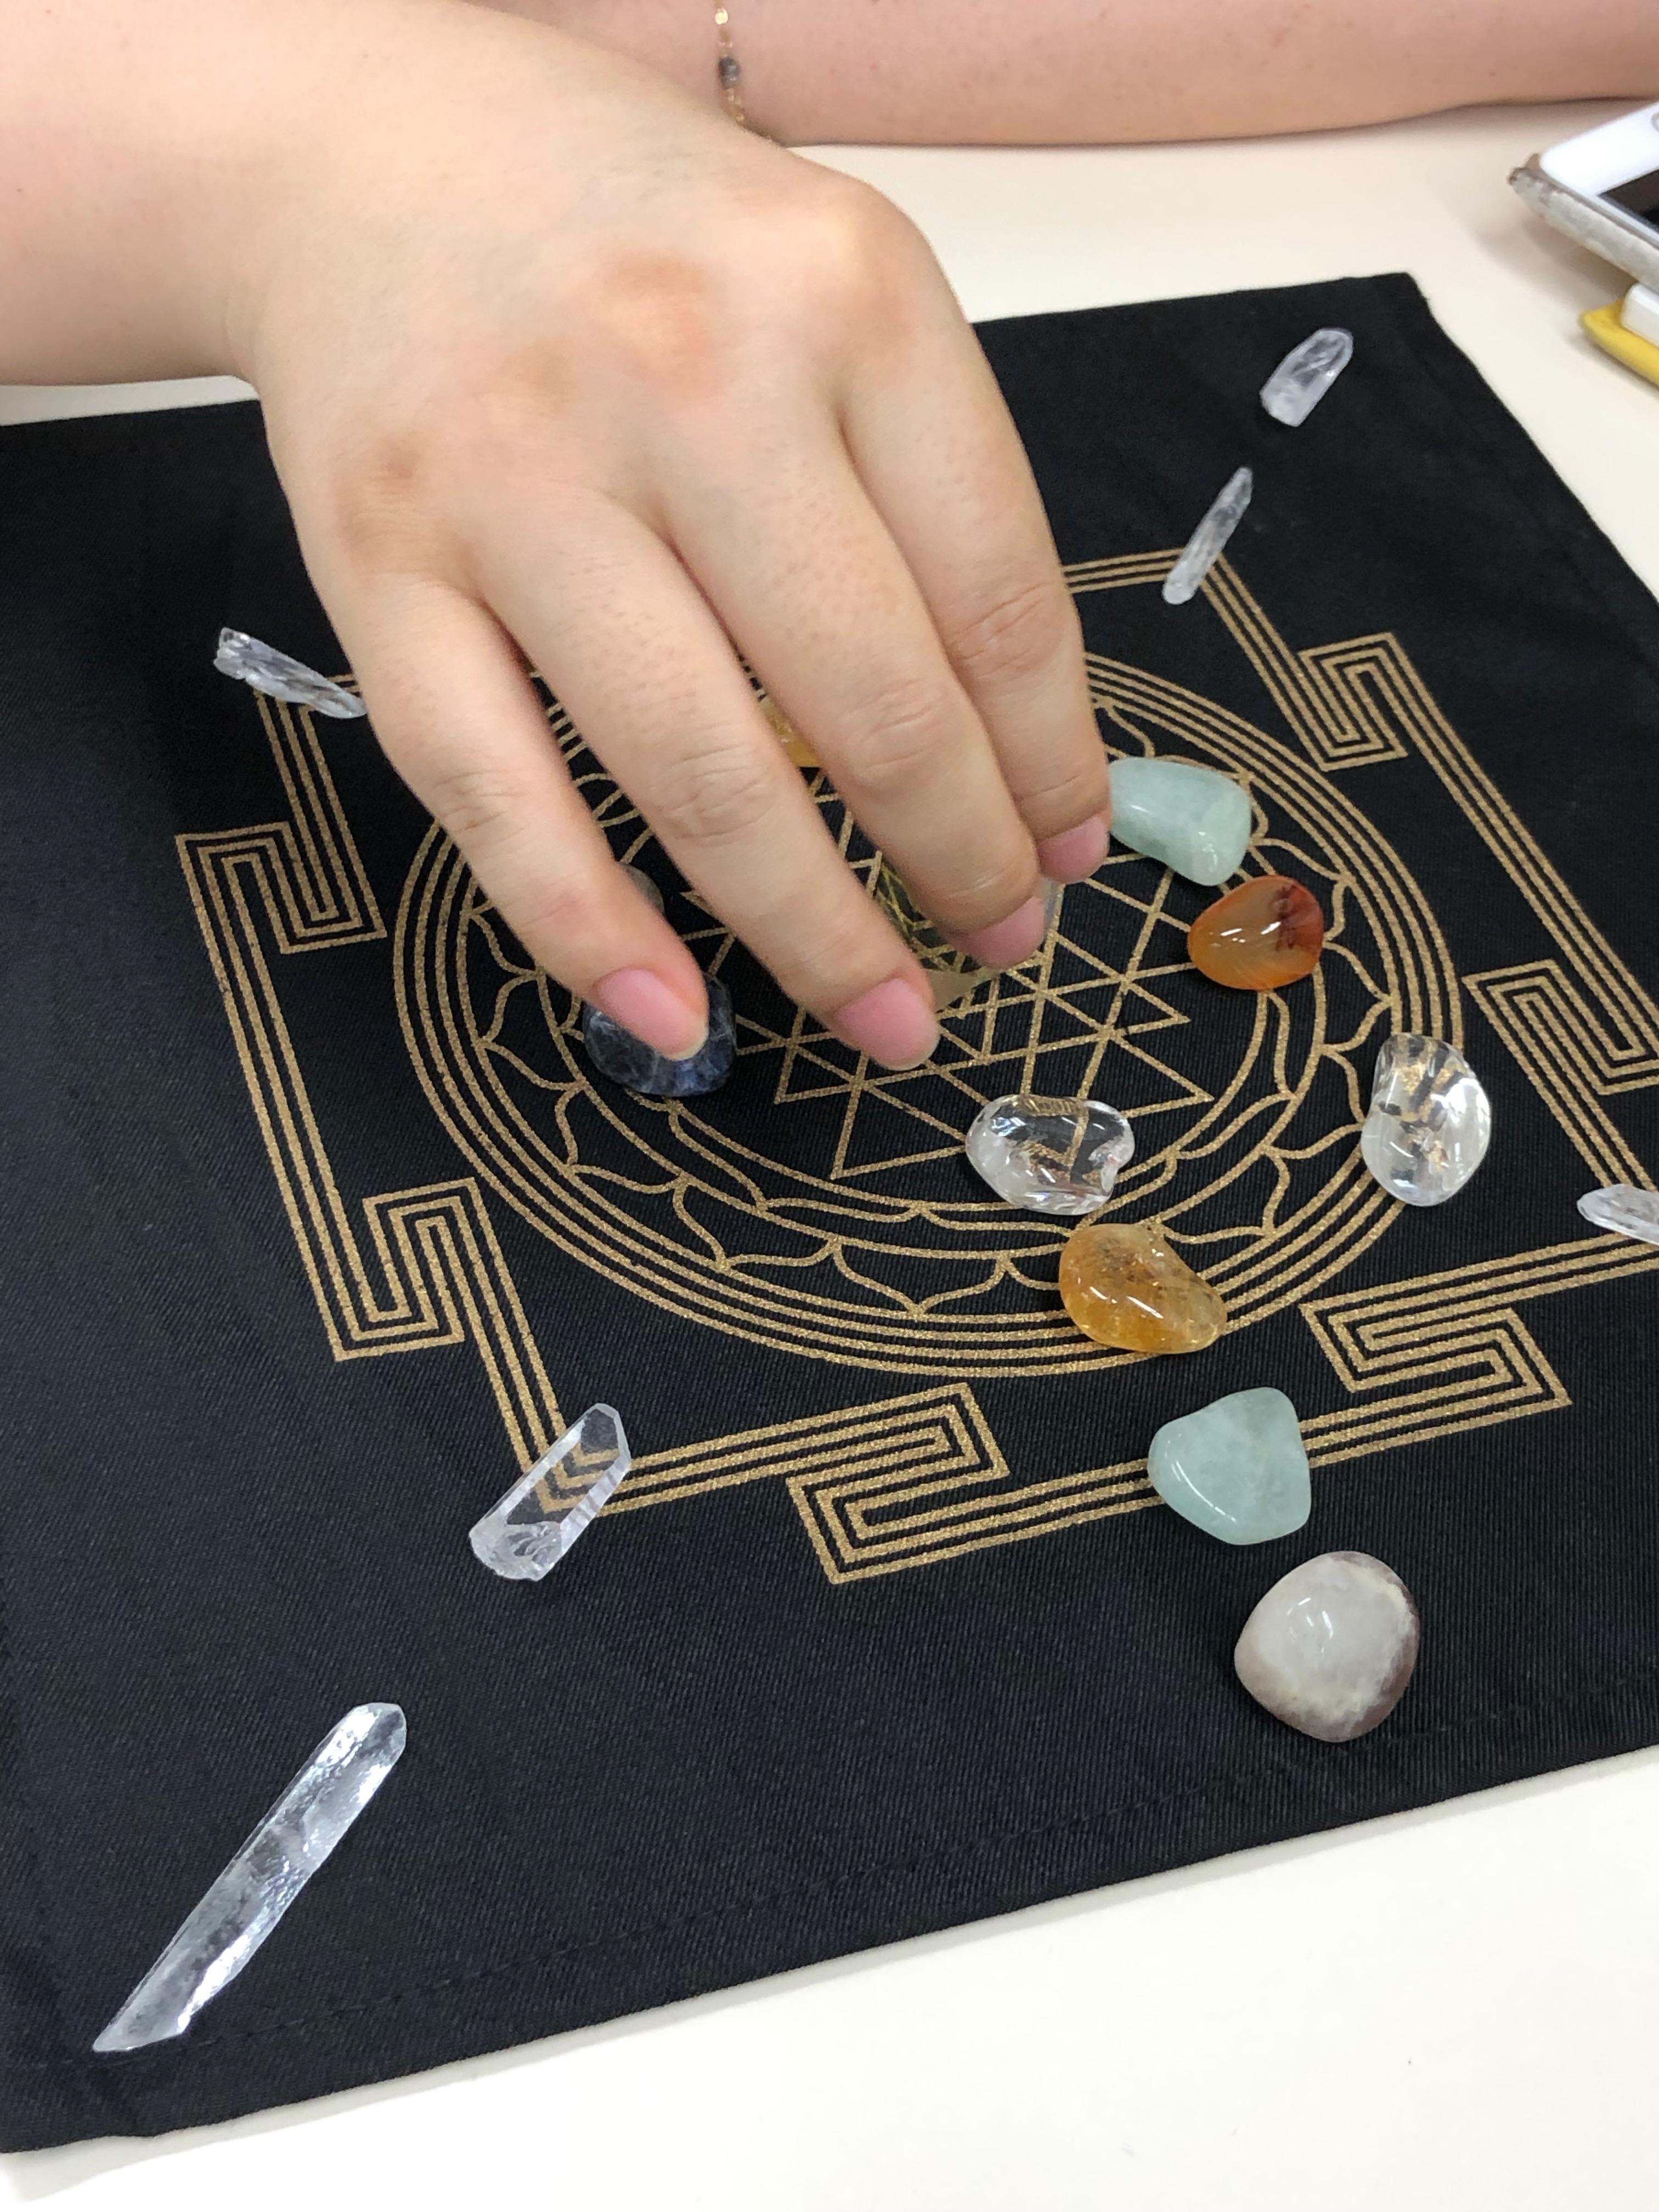 天然石で作る魔法陣!? クリスタルグリッド作成WS開催しました。